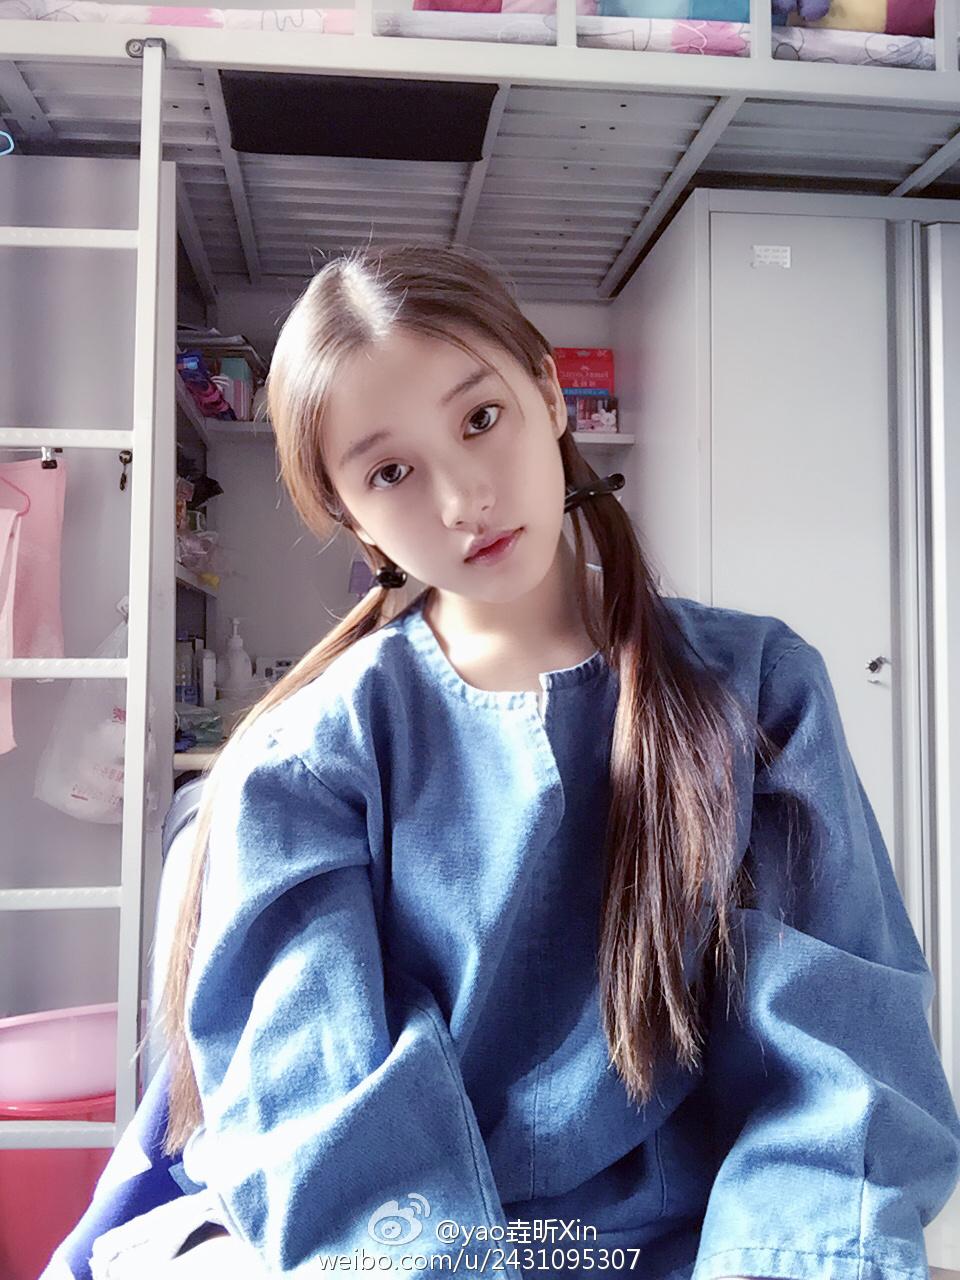 日本少女16岁人体_中戏18岁美女学霸走红 清新写真着背带裤卖萌_娱乐_环球网